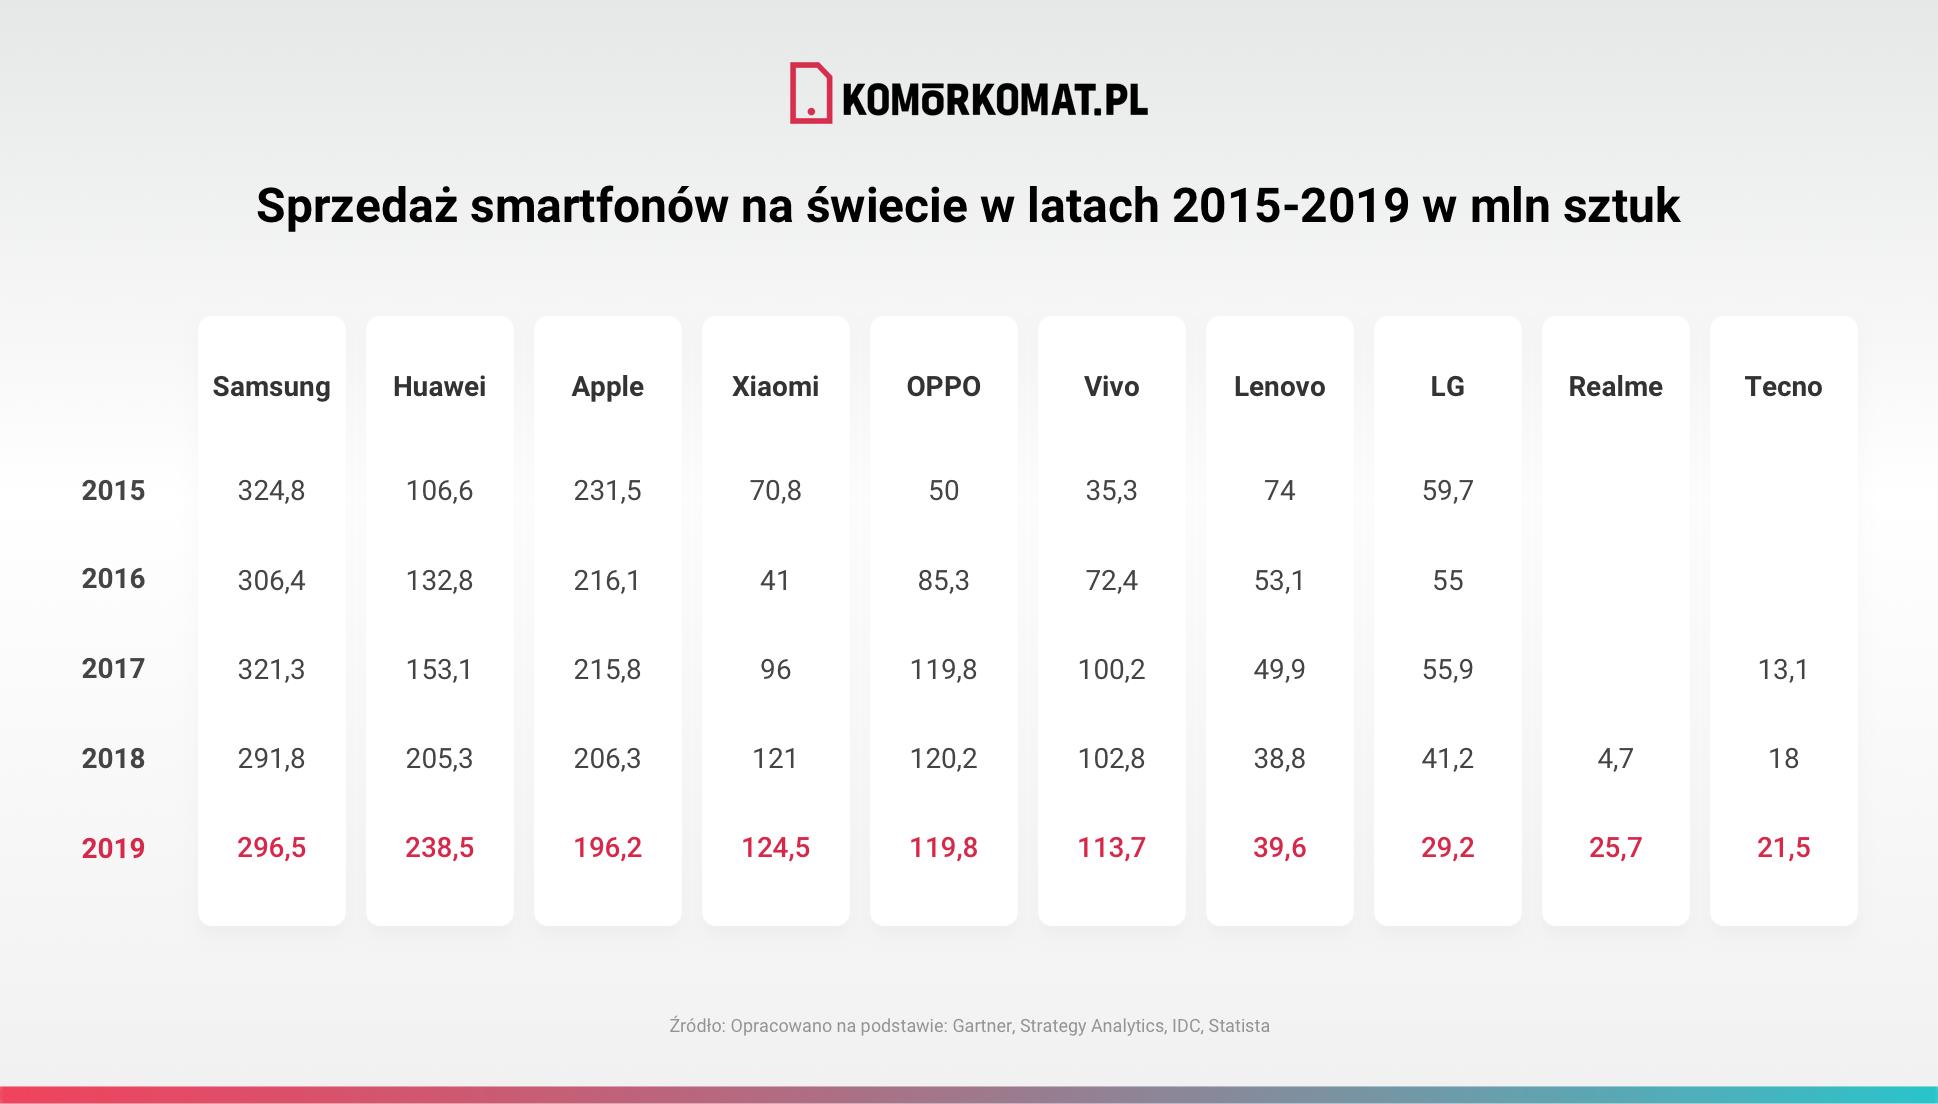 Sprzedaż smartfonów na świecie w latach 2015 2019 w mln sztuk v1